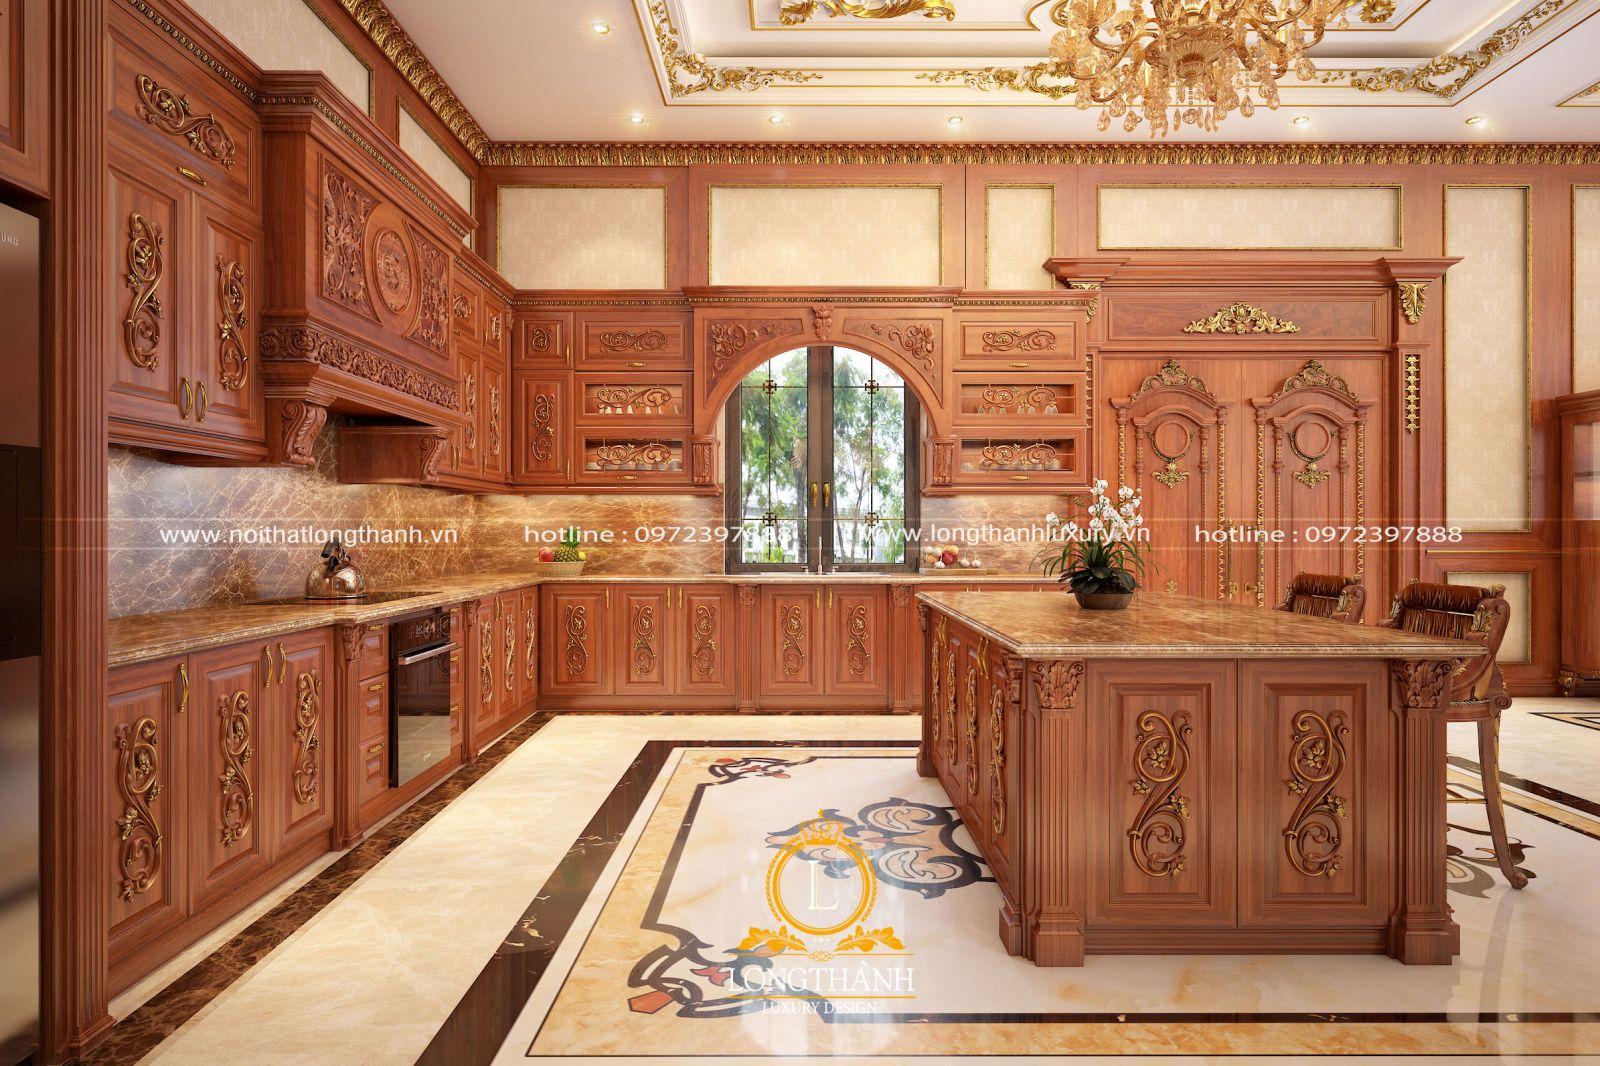 Không gian nhà bếp lộng lẫy với bộ tủ bếp mang dấu ấn tân cổ điển sang trọng